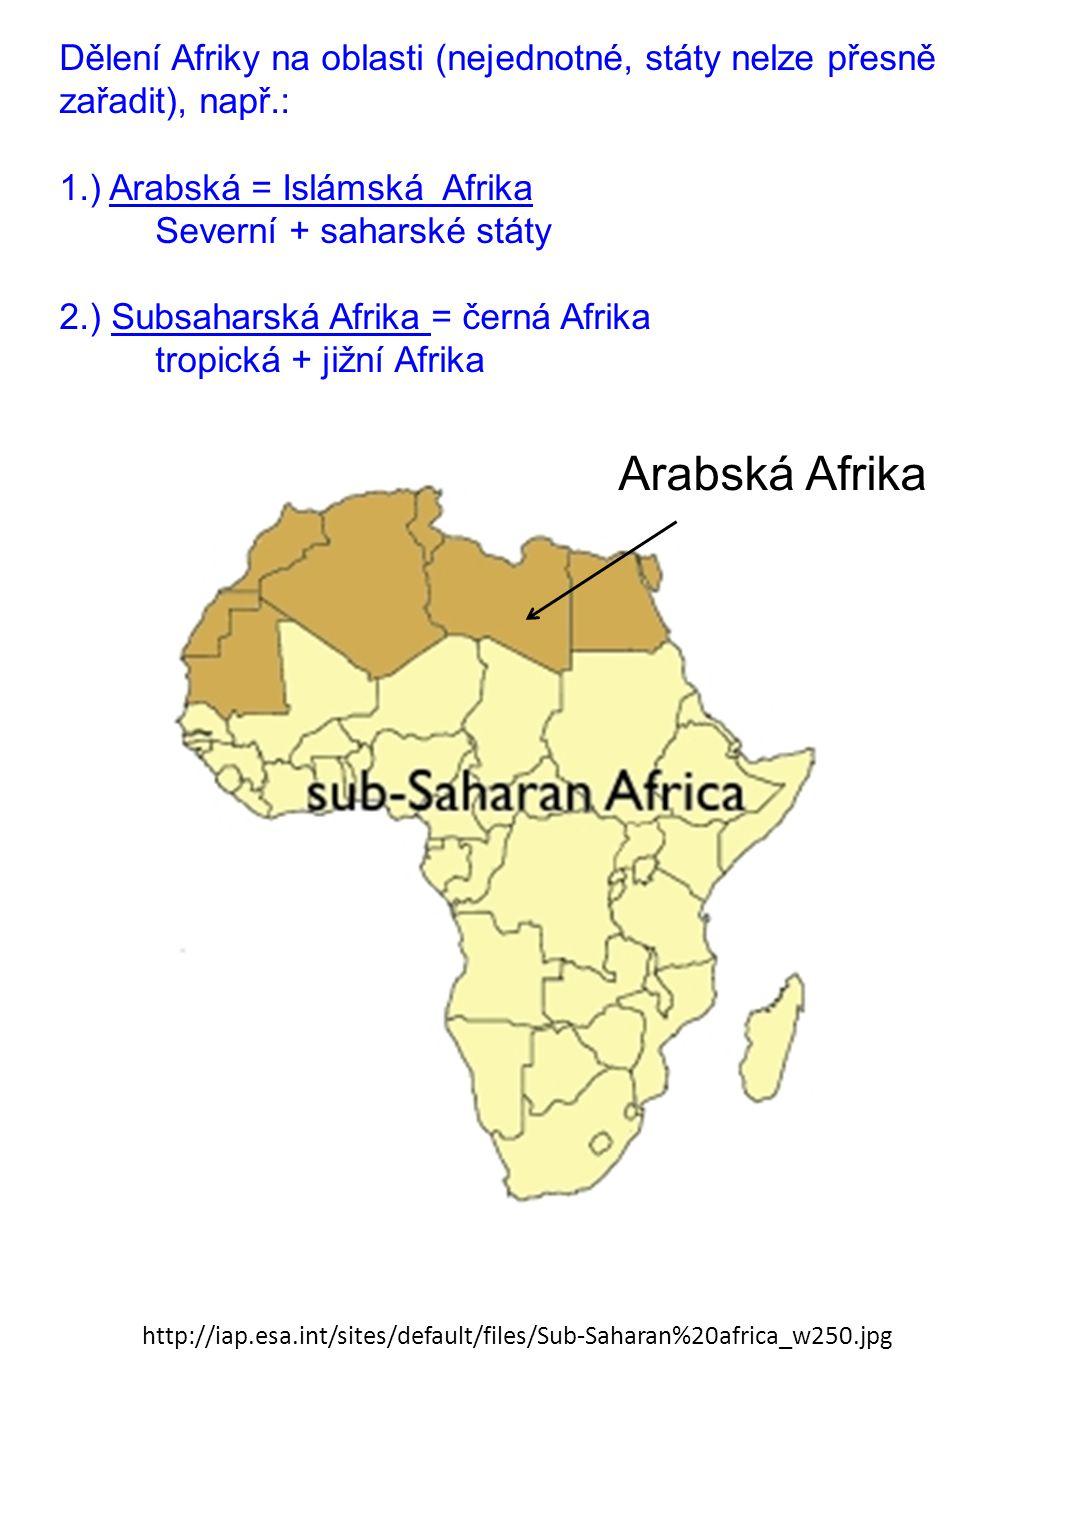 Dělení Afriky na oblasti (nejednotné, státy nelze přesně zařadit), např.: